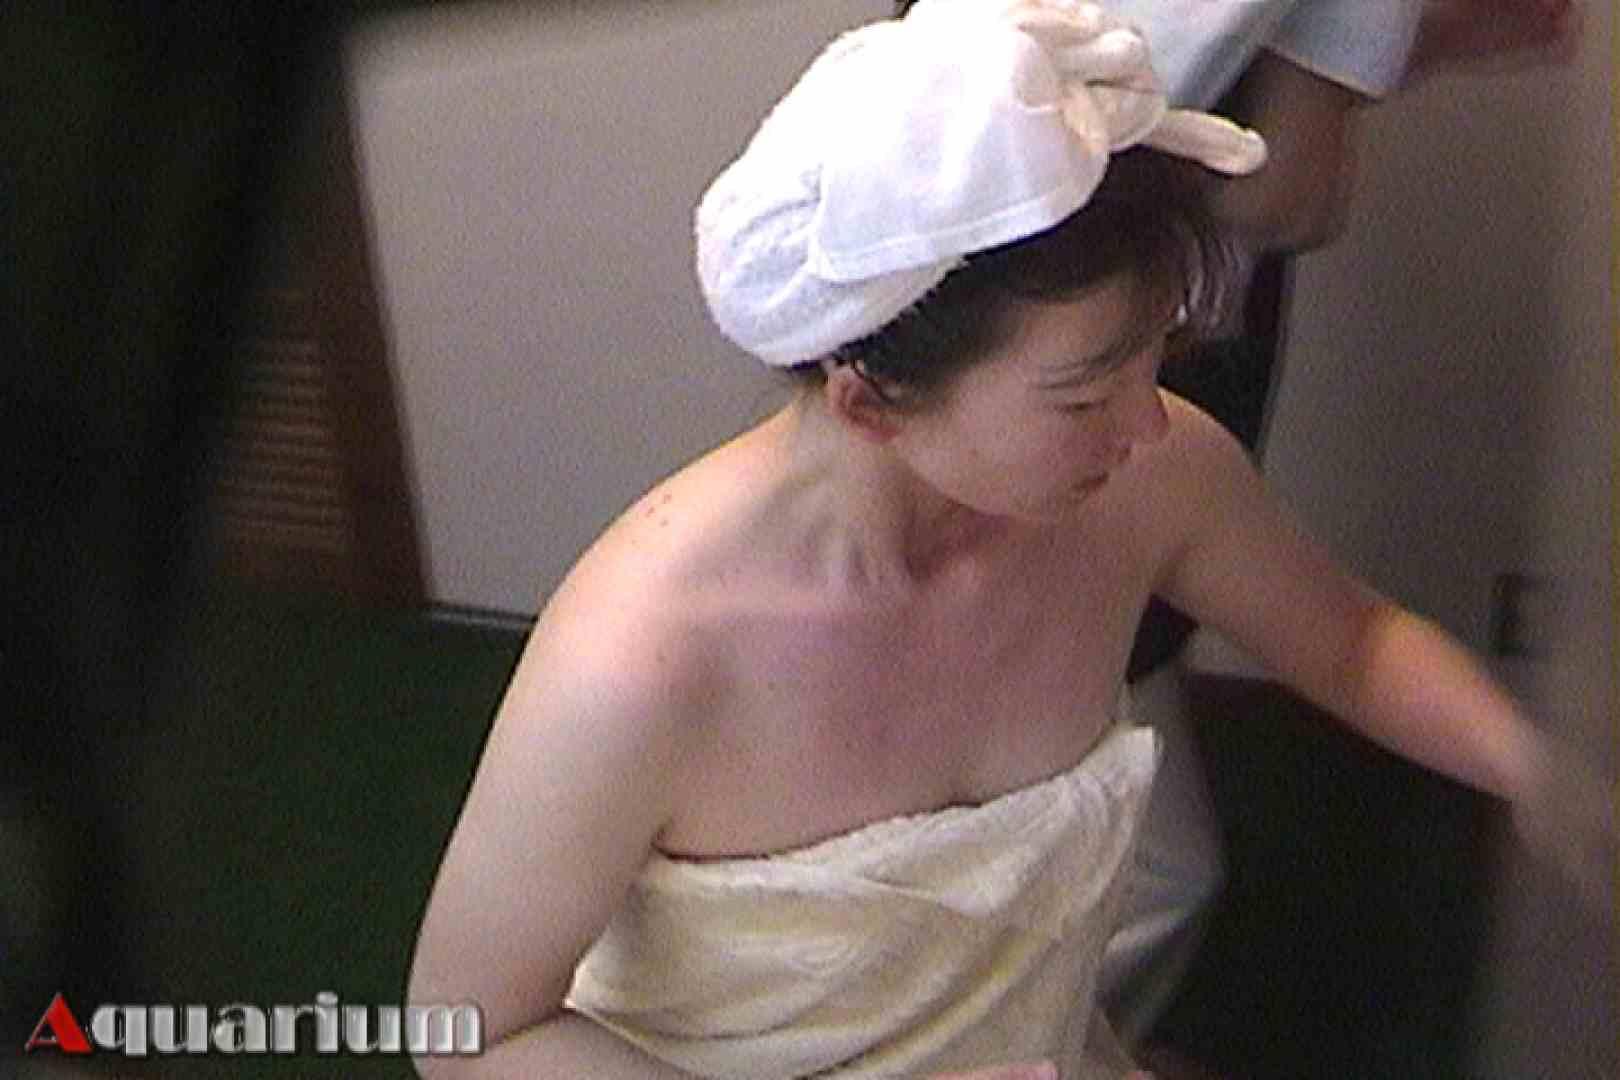 旅館脱衣所お着替え盗撮 Vol.03 脱衣所 性交動画流出 102画像 14